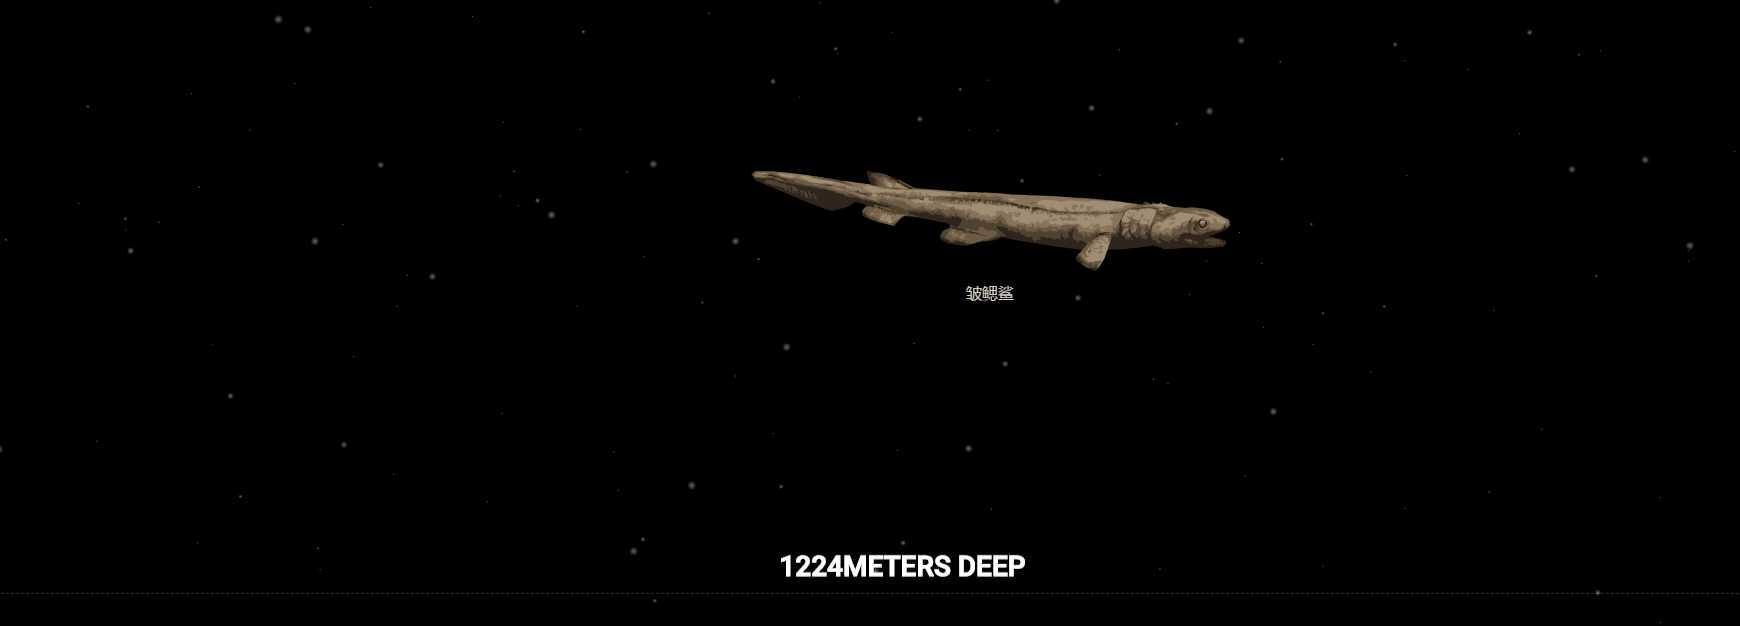 网站推荐丨天空和深海 - 通过鼠标了解天空的高度和海底的深度